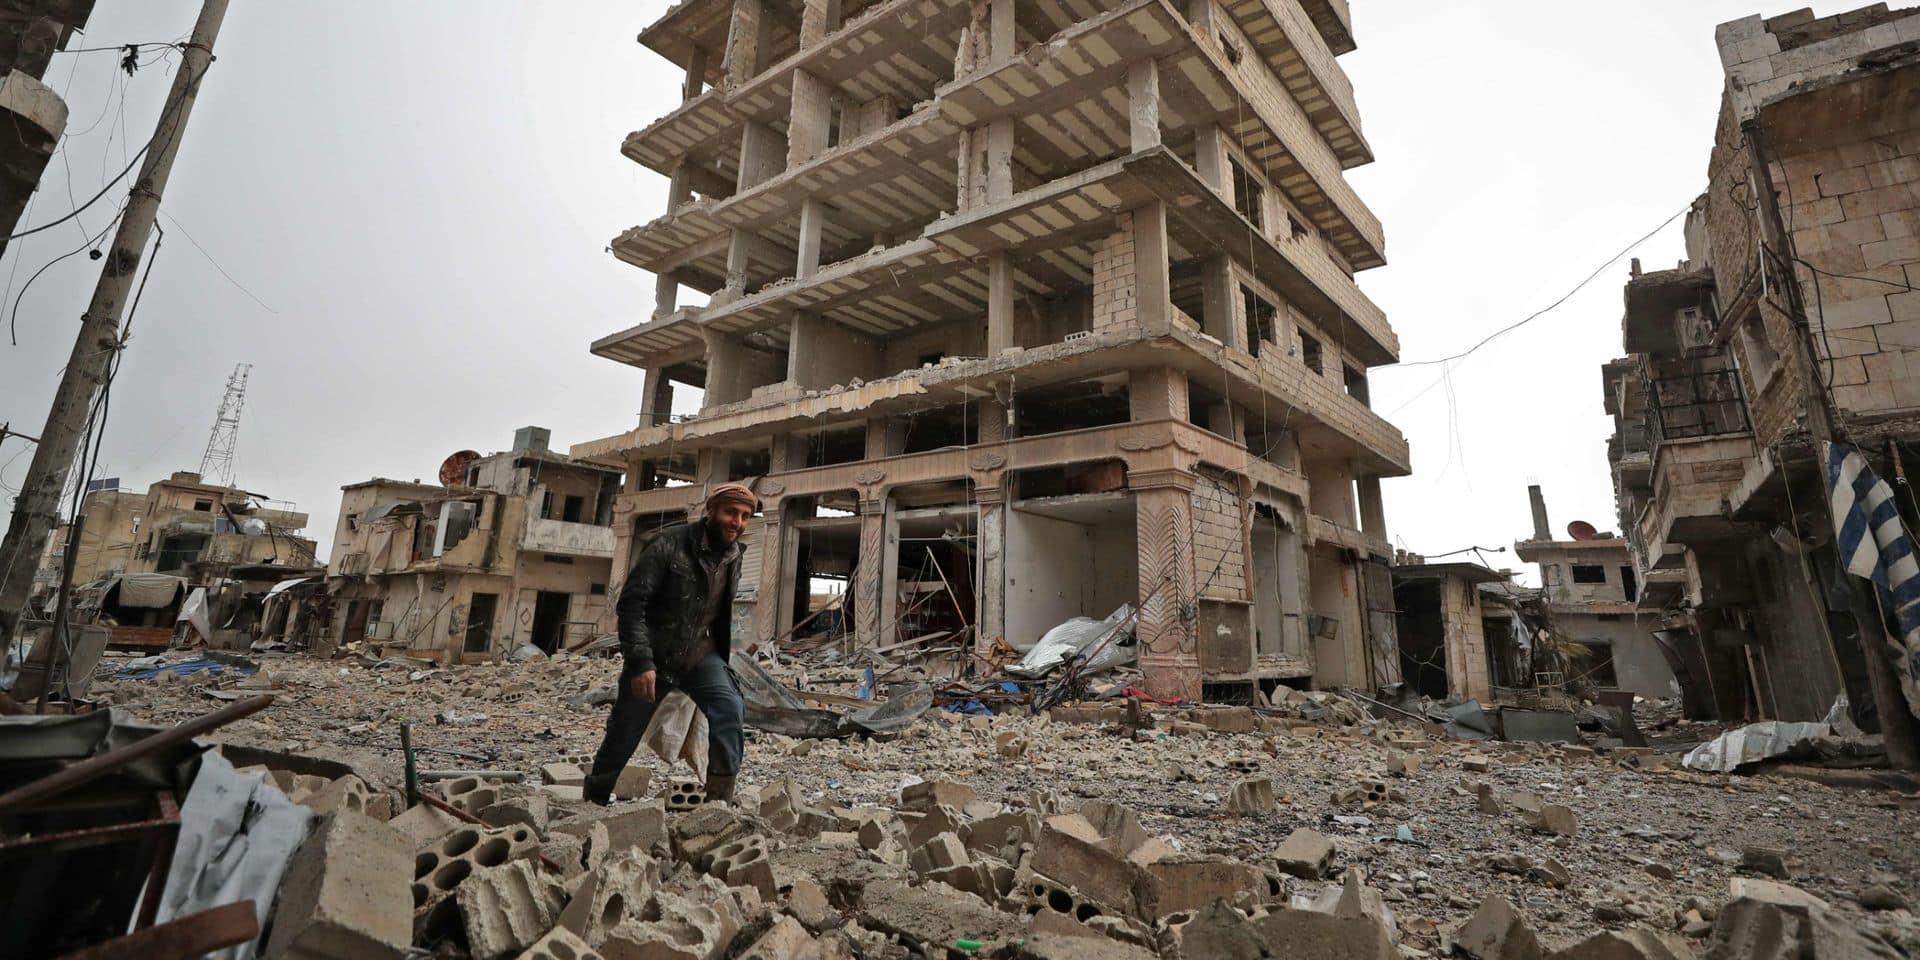 Syrie: les civils fuient les combats à Idlib et trouvent portes closes en Turquie